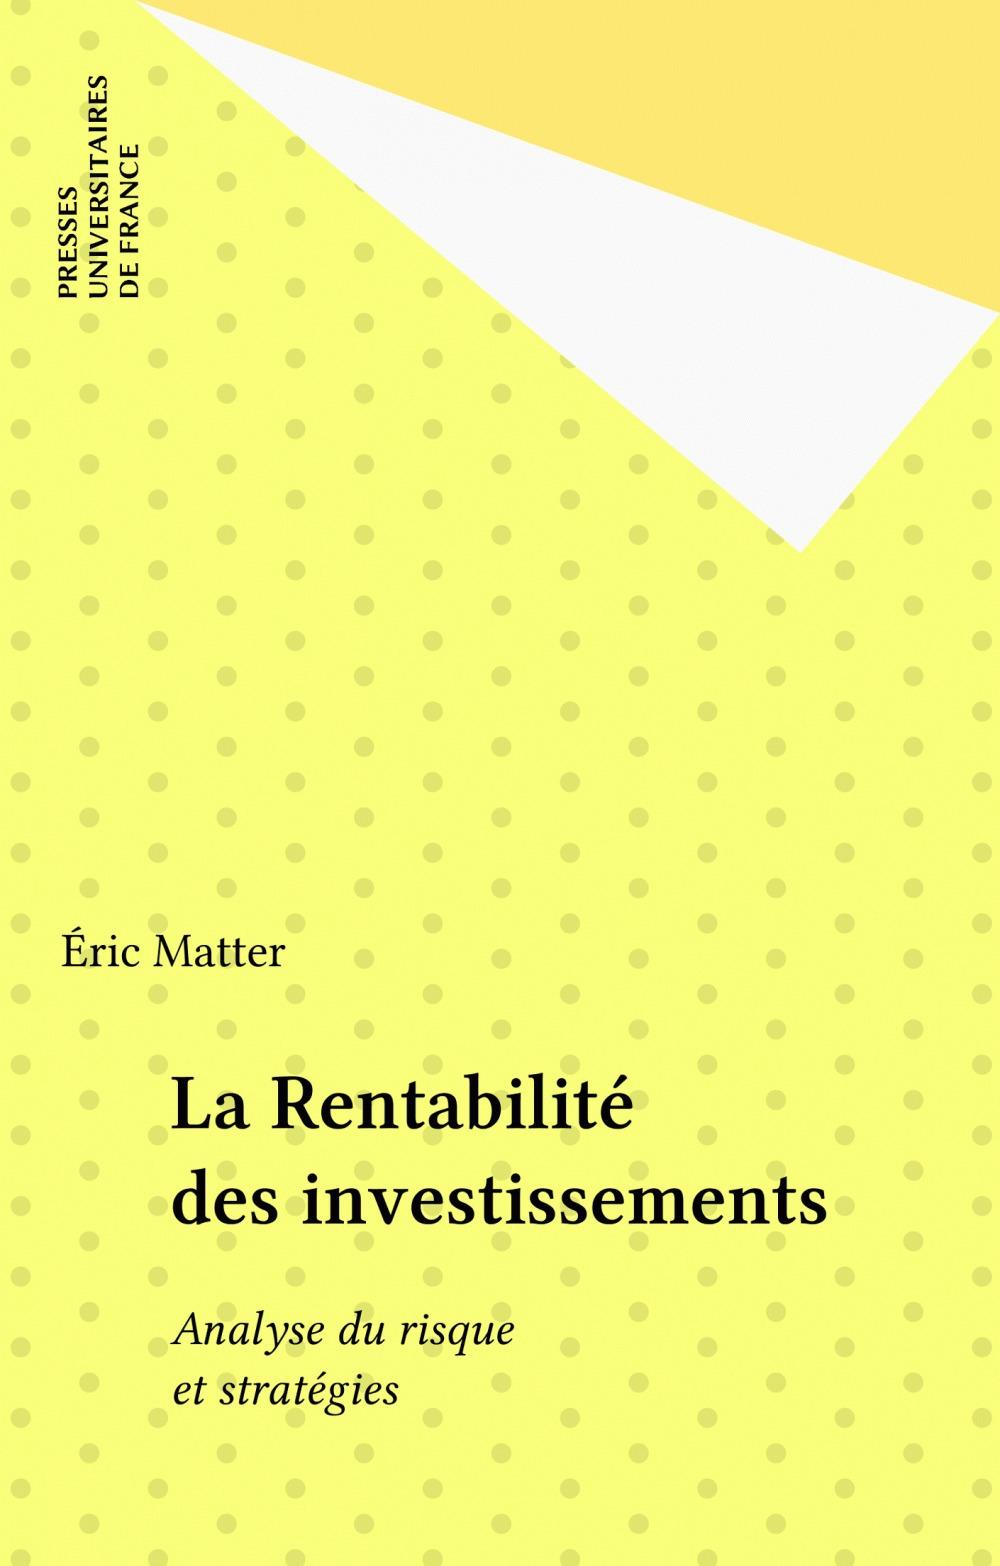 La Rentabilité des investissements